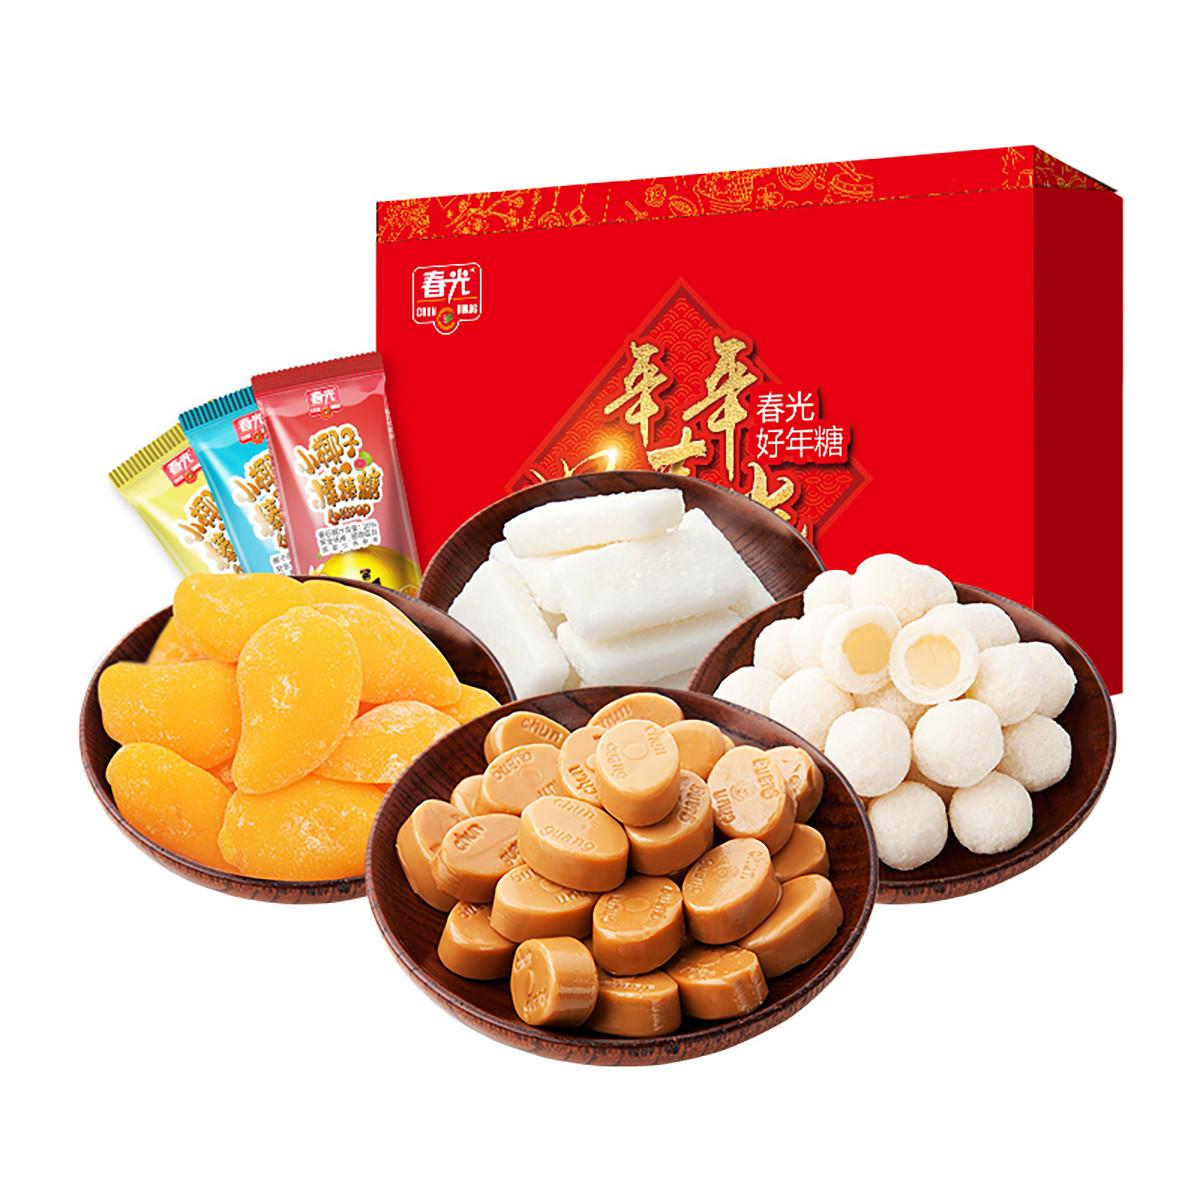 春光海南特产多种糖果混合过年送礼年货礼盒装968gCOLOR银色